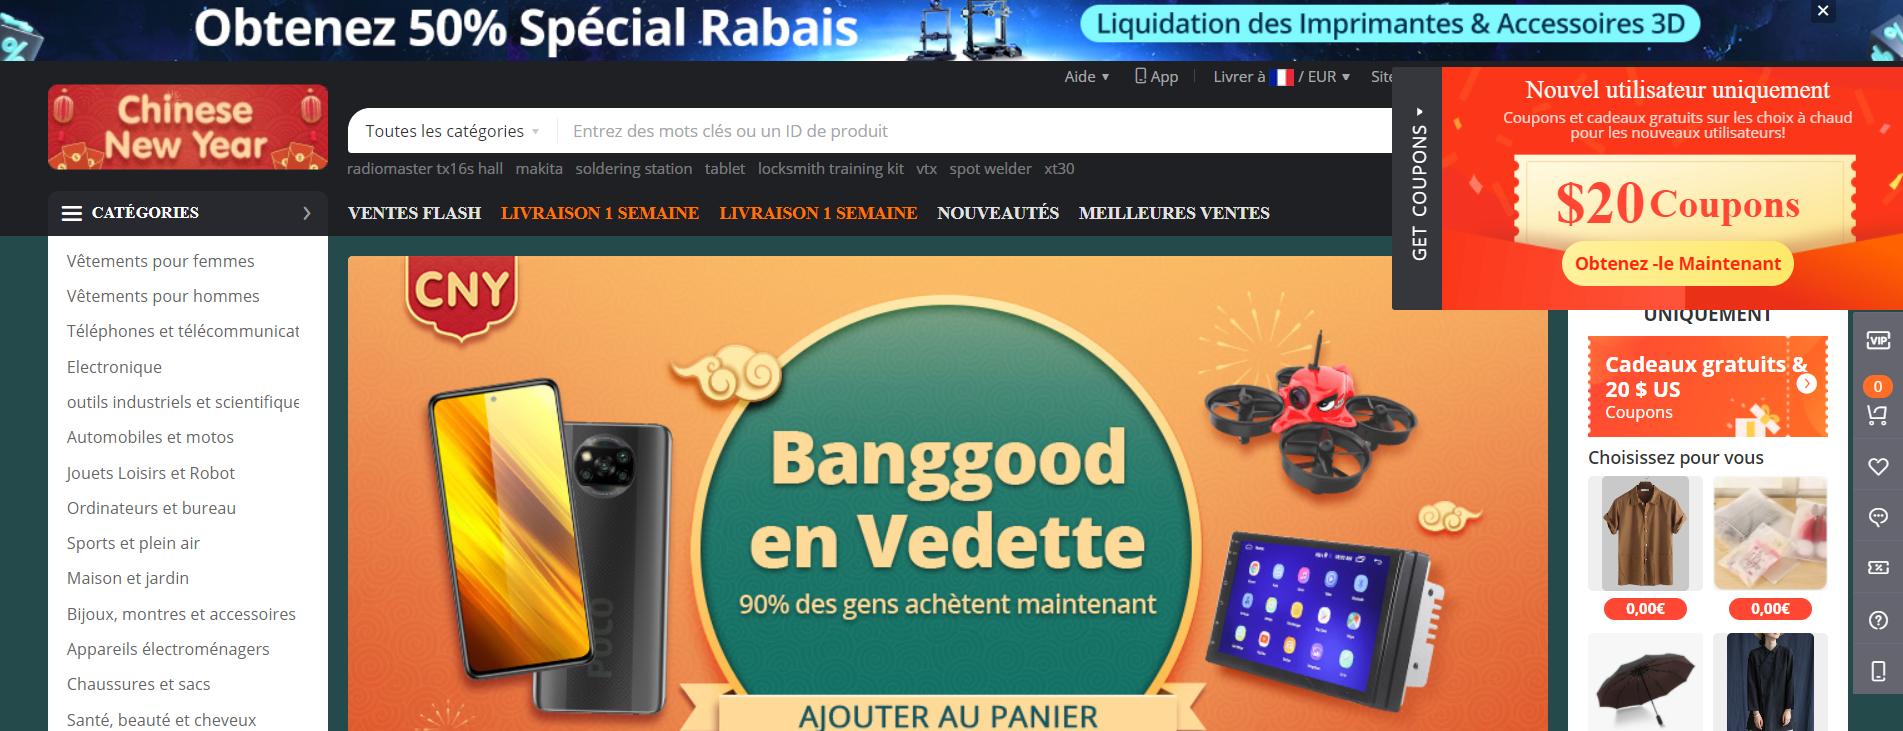 Page d'accueil de la boutique chinoise Banggood